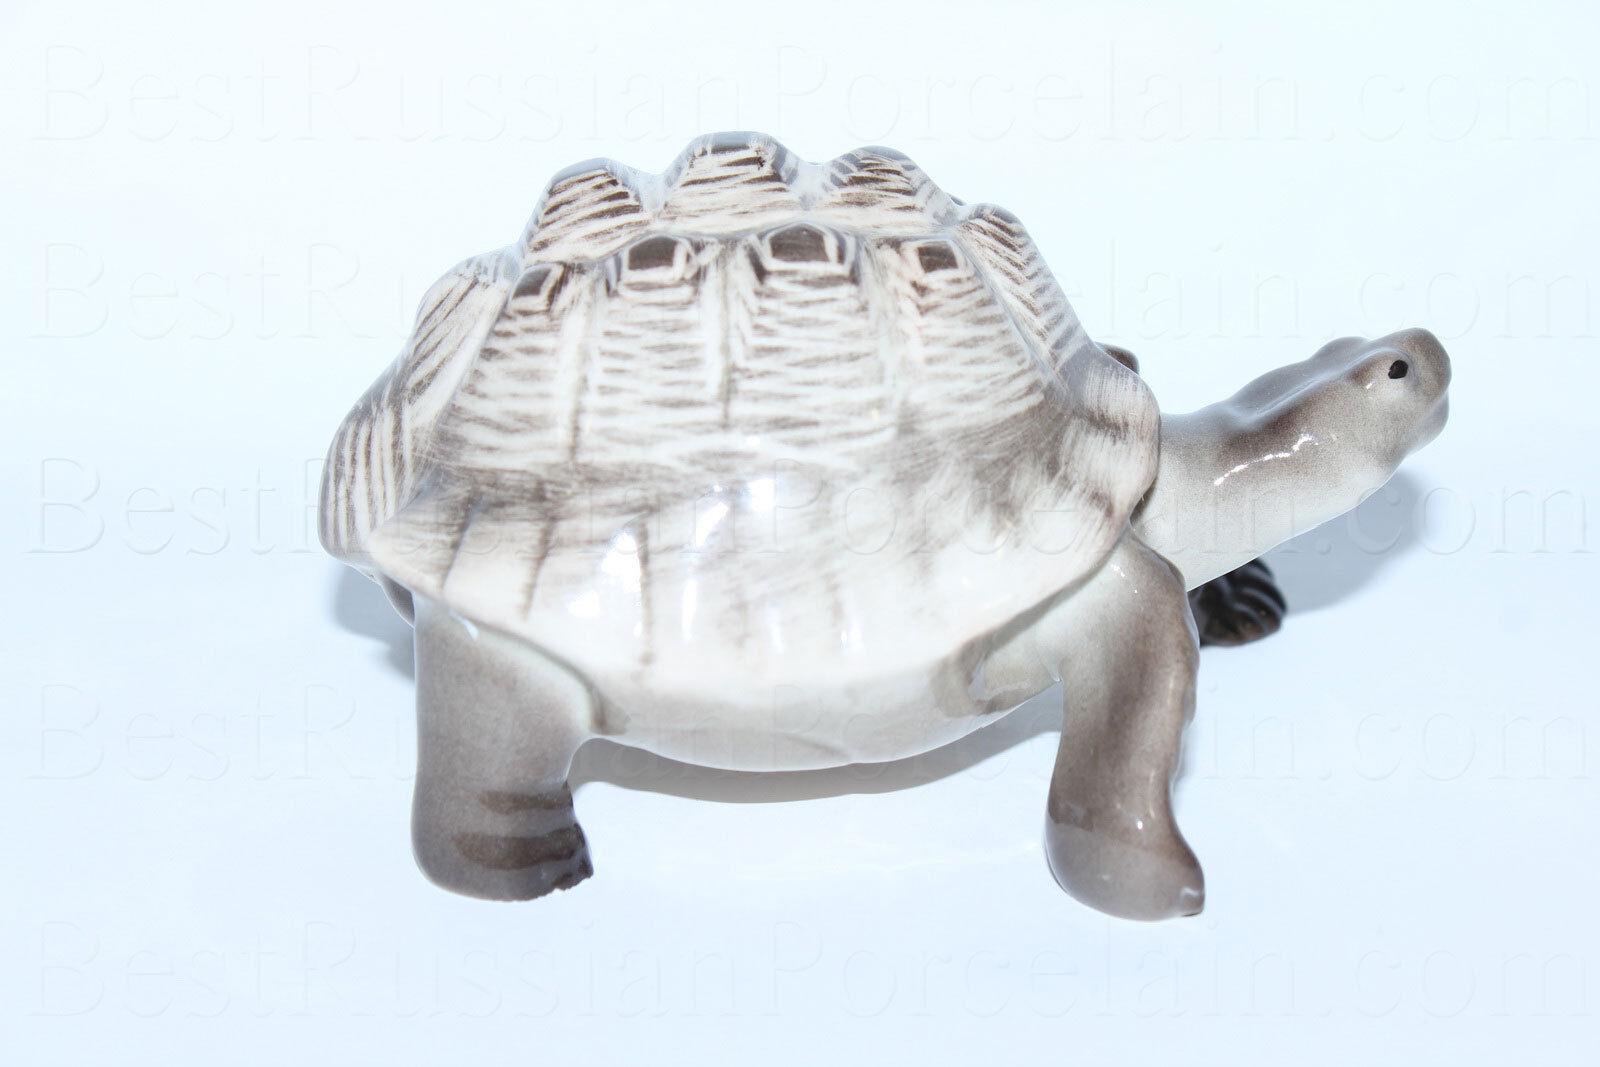 хотите черепахи из фарфора италия фото отец был разбогатевшим